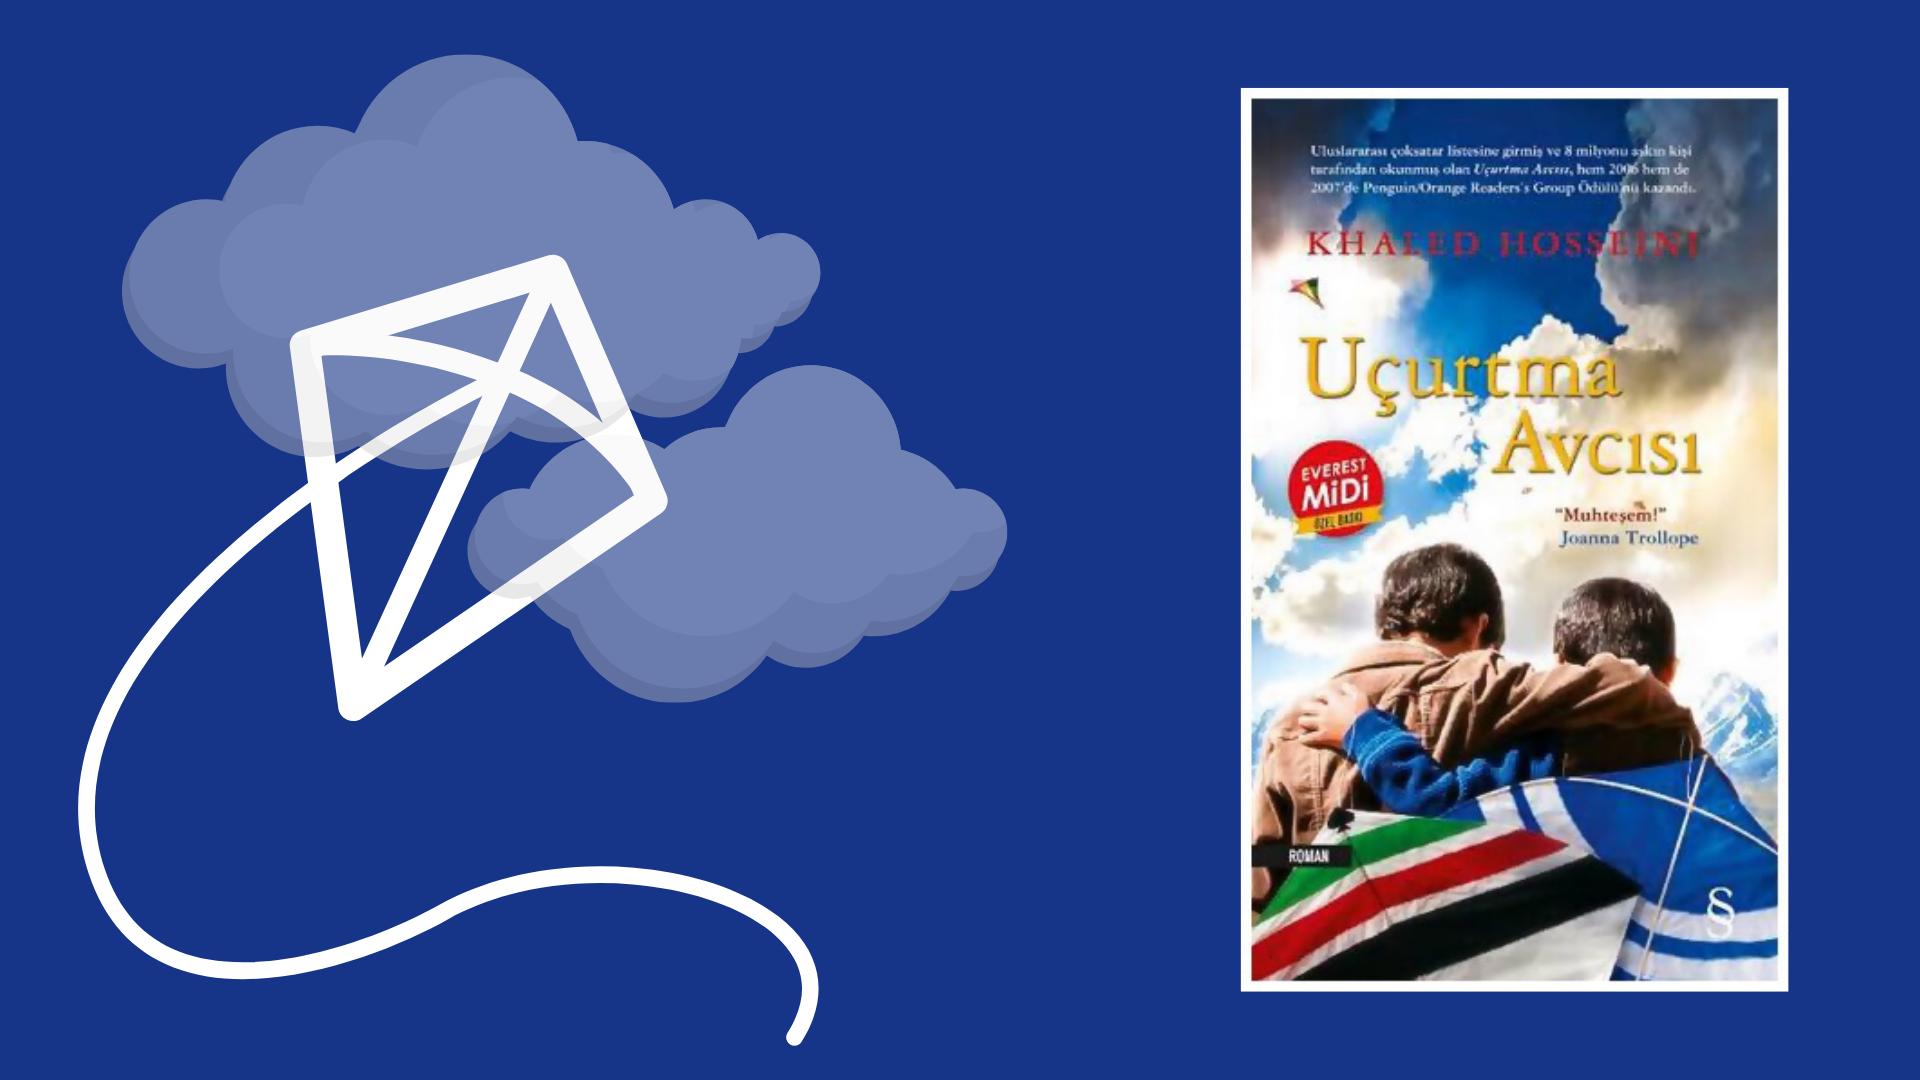 Kitap: Uçurtma Avcısı   Yazar: Khaled Hosseini   Yorumlayan: Kübra Mısırlı Keskin